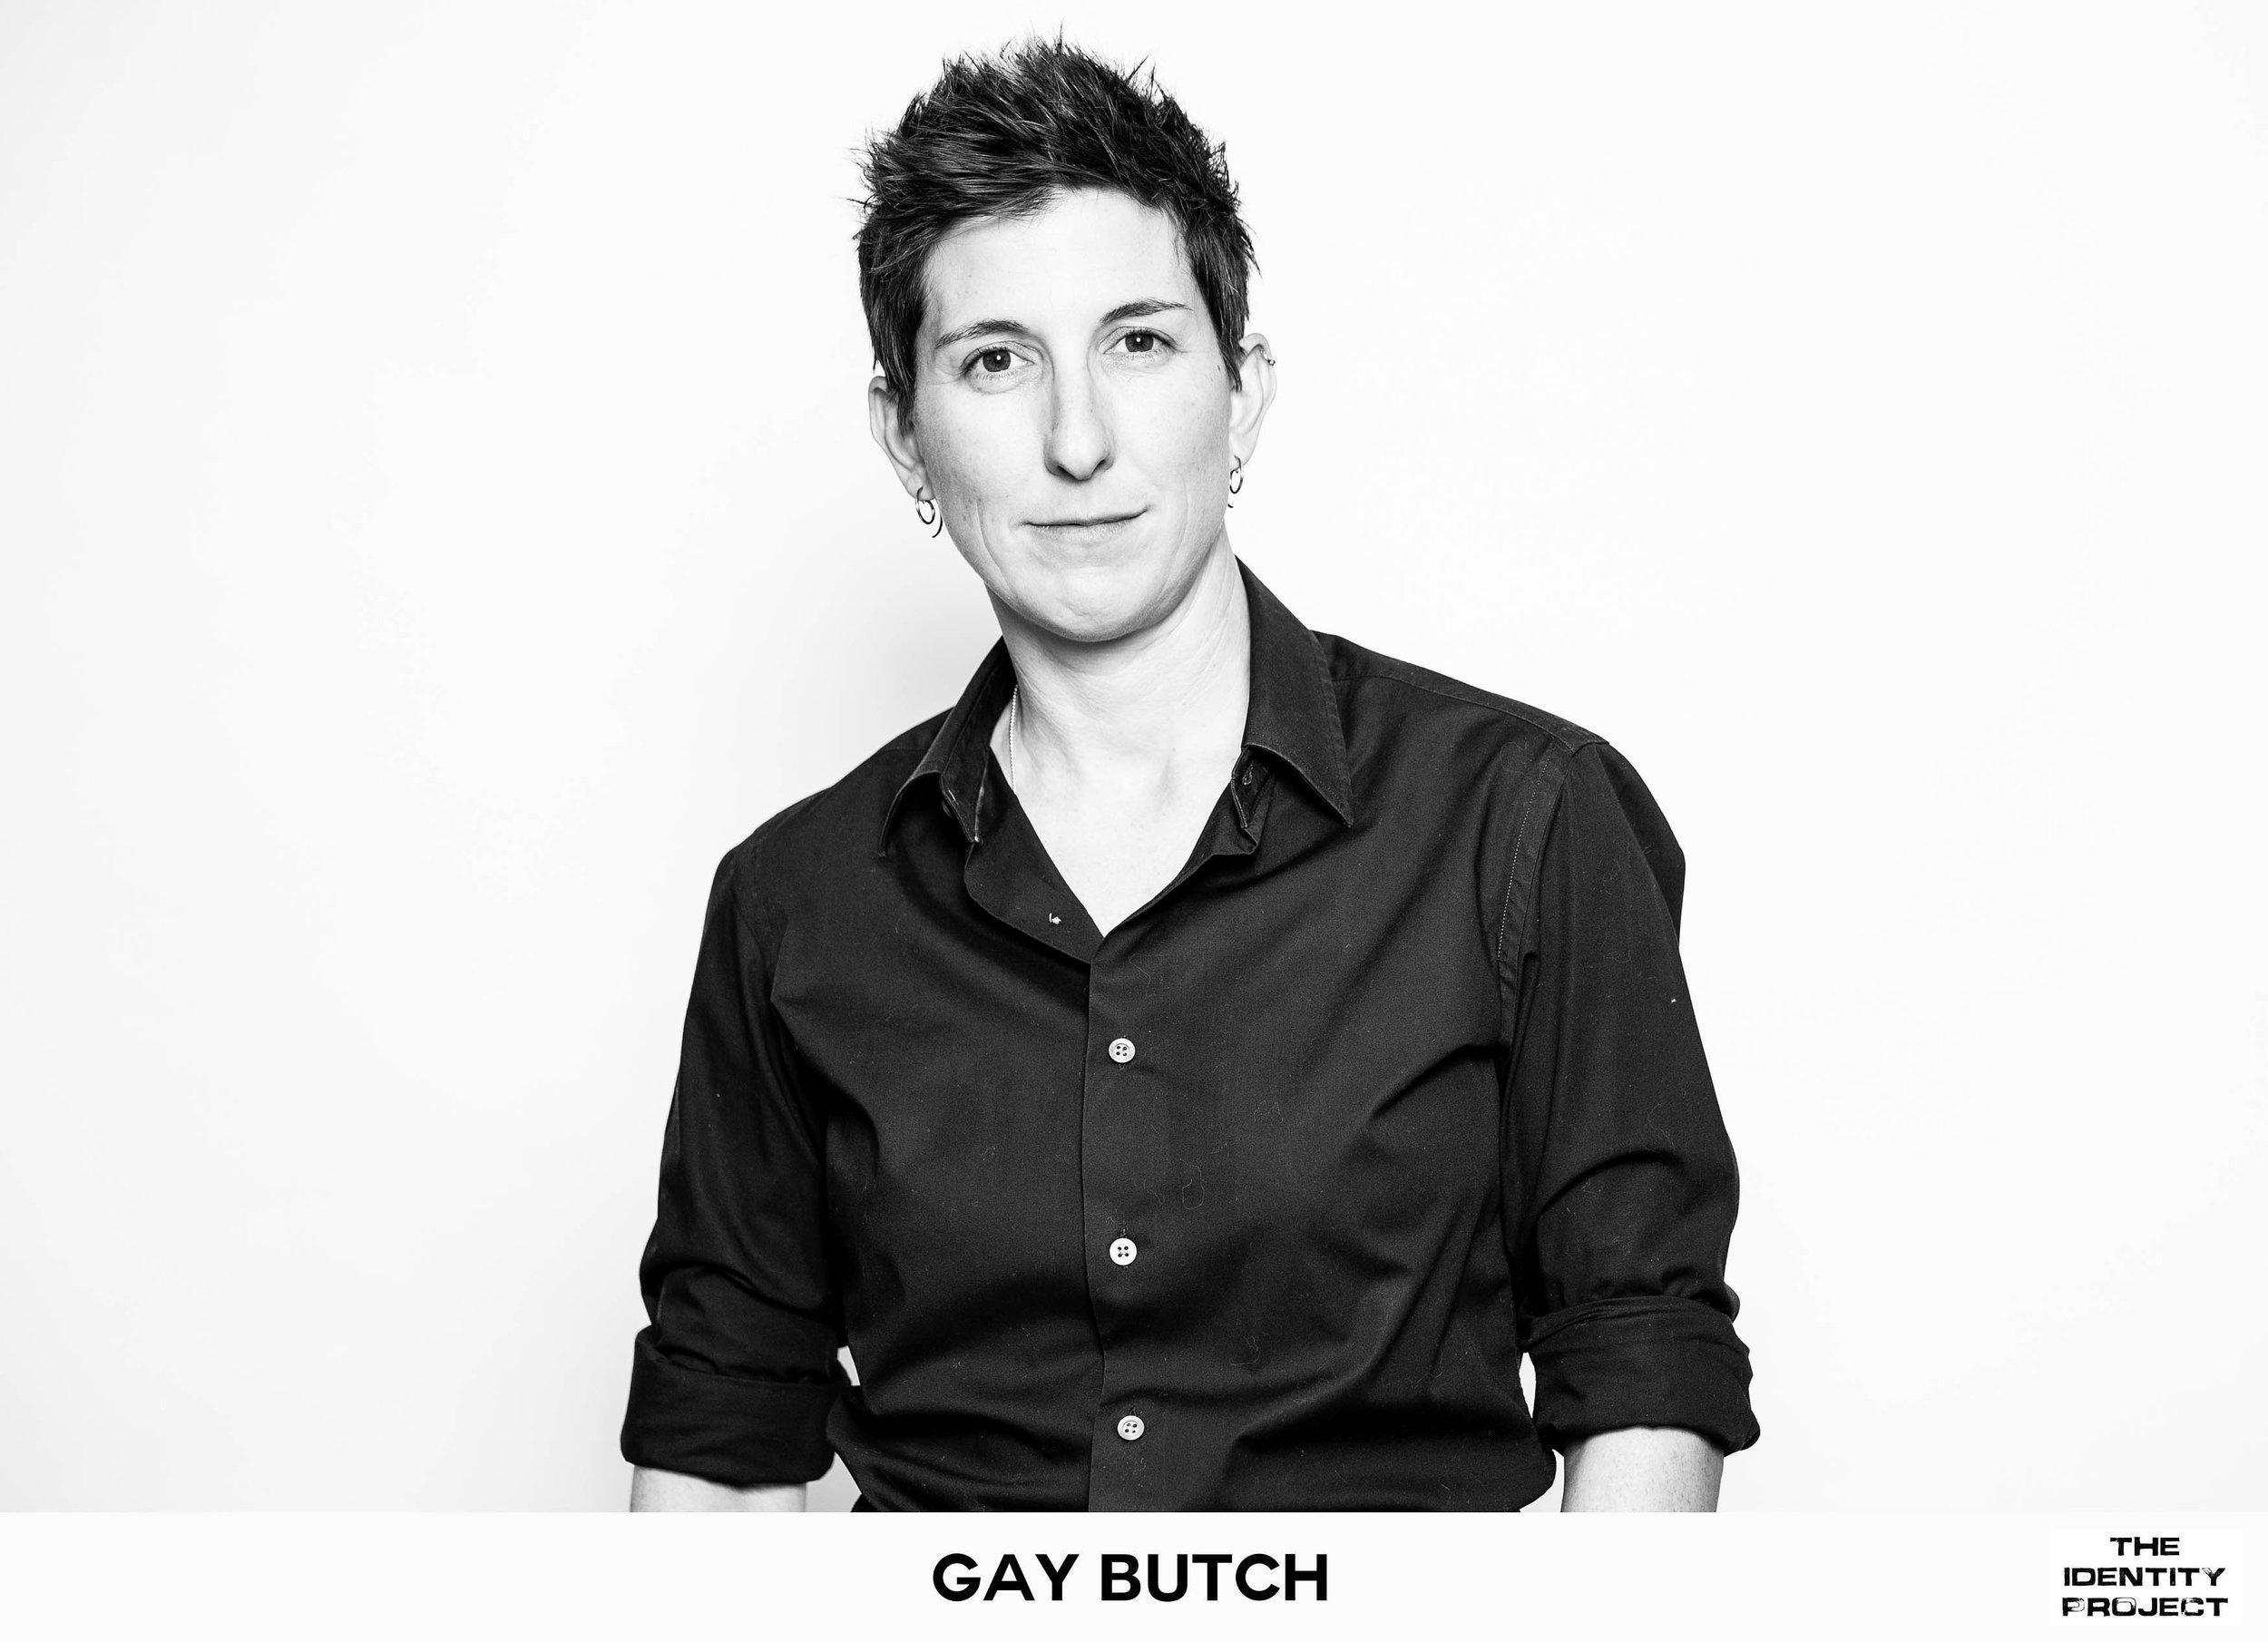 gaybutch.jpg